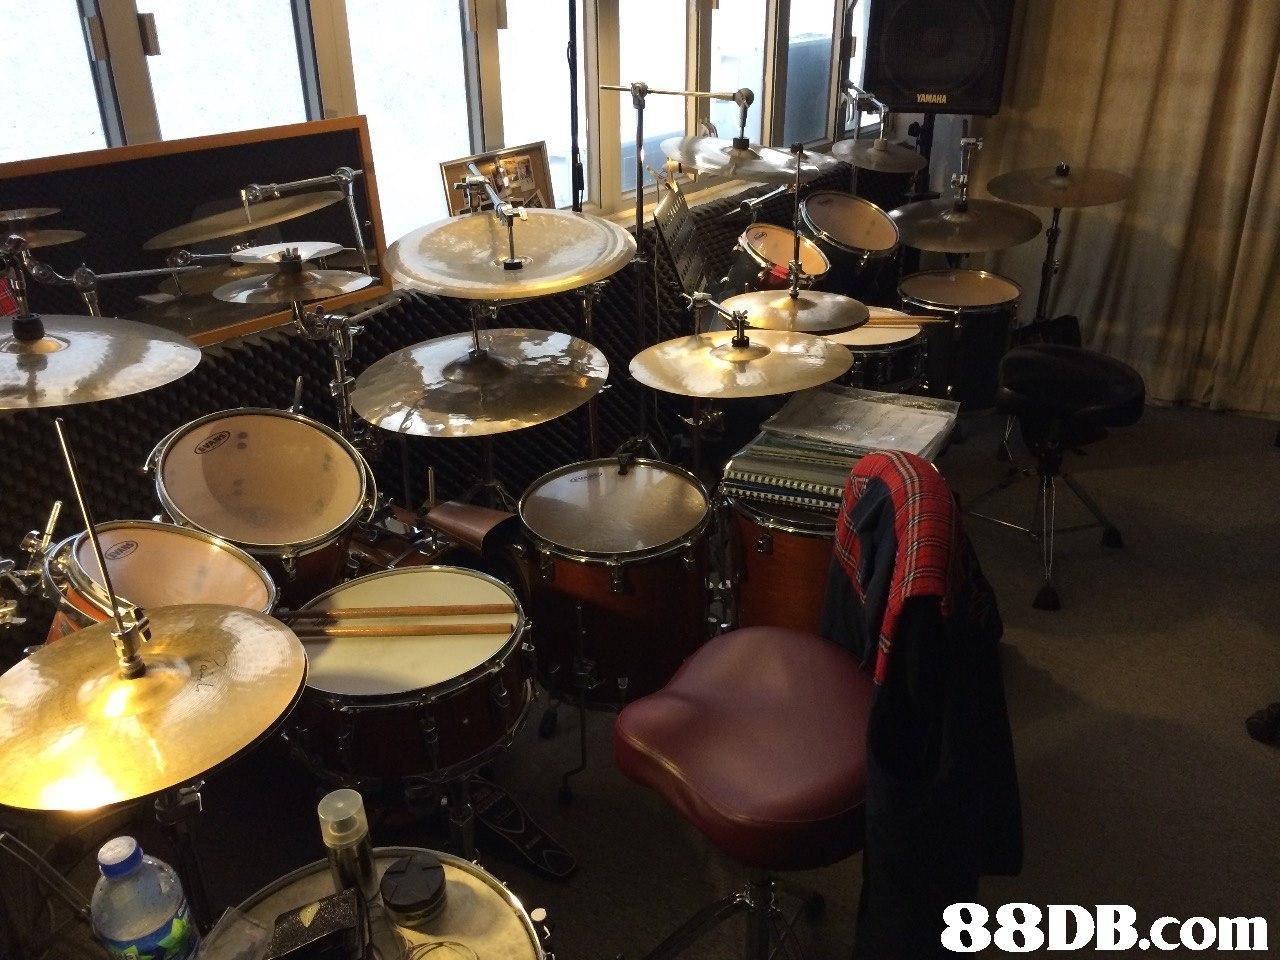 AMAHA   drum,drums,percussion,musical instrument,tom tom drum